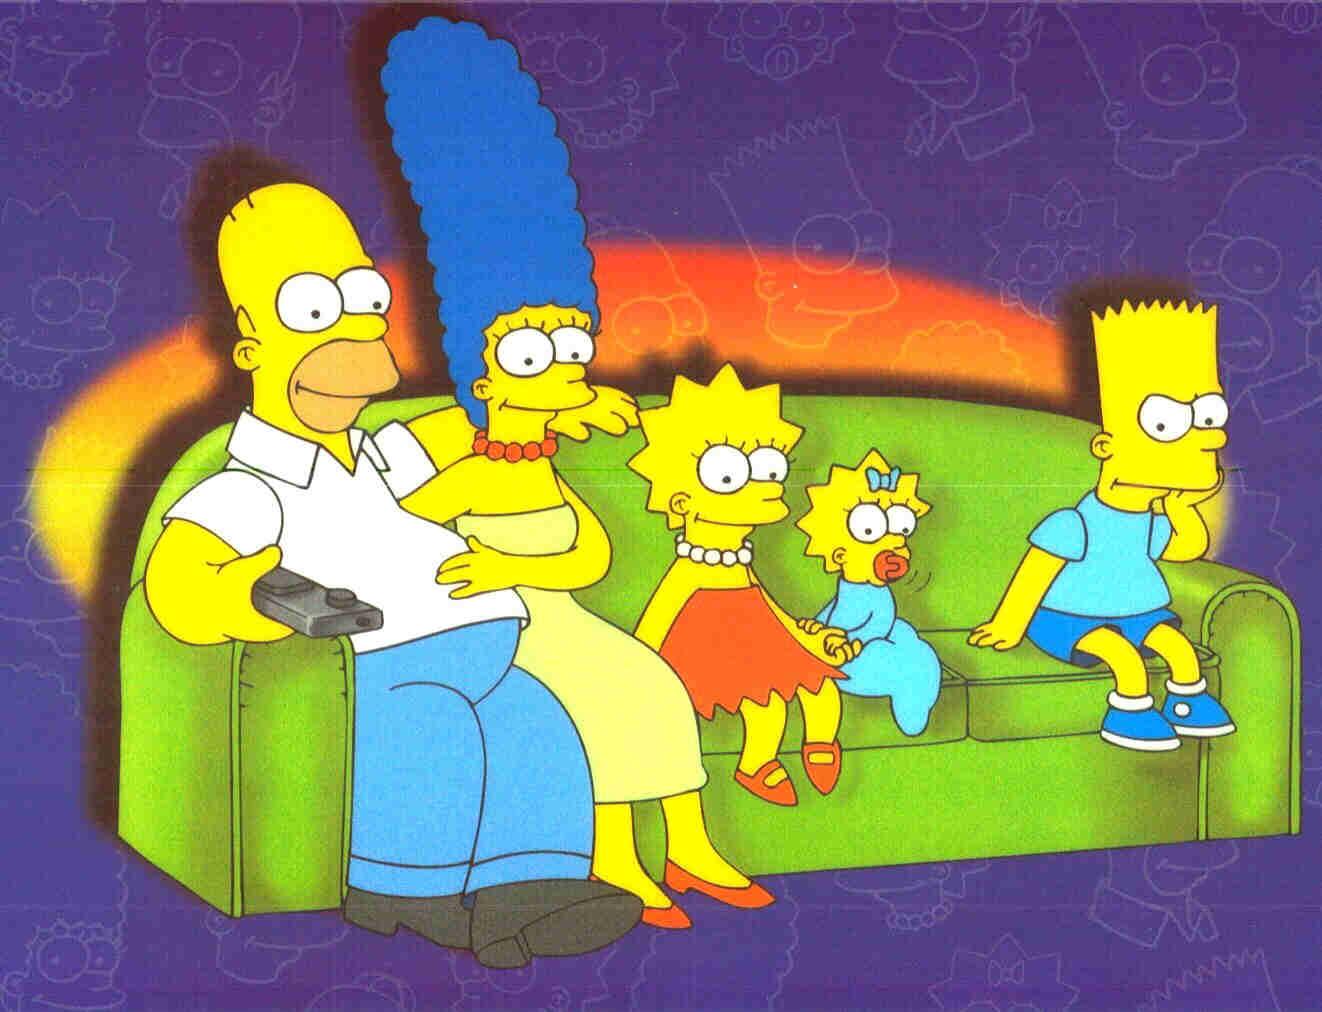 Les Simpson Sur Leur Fameux Canap